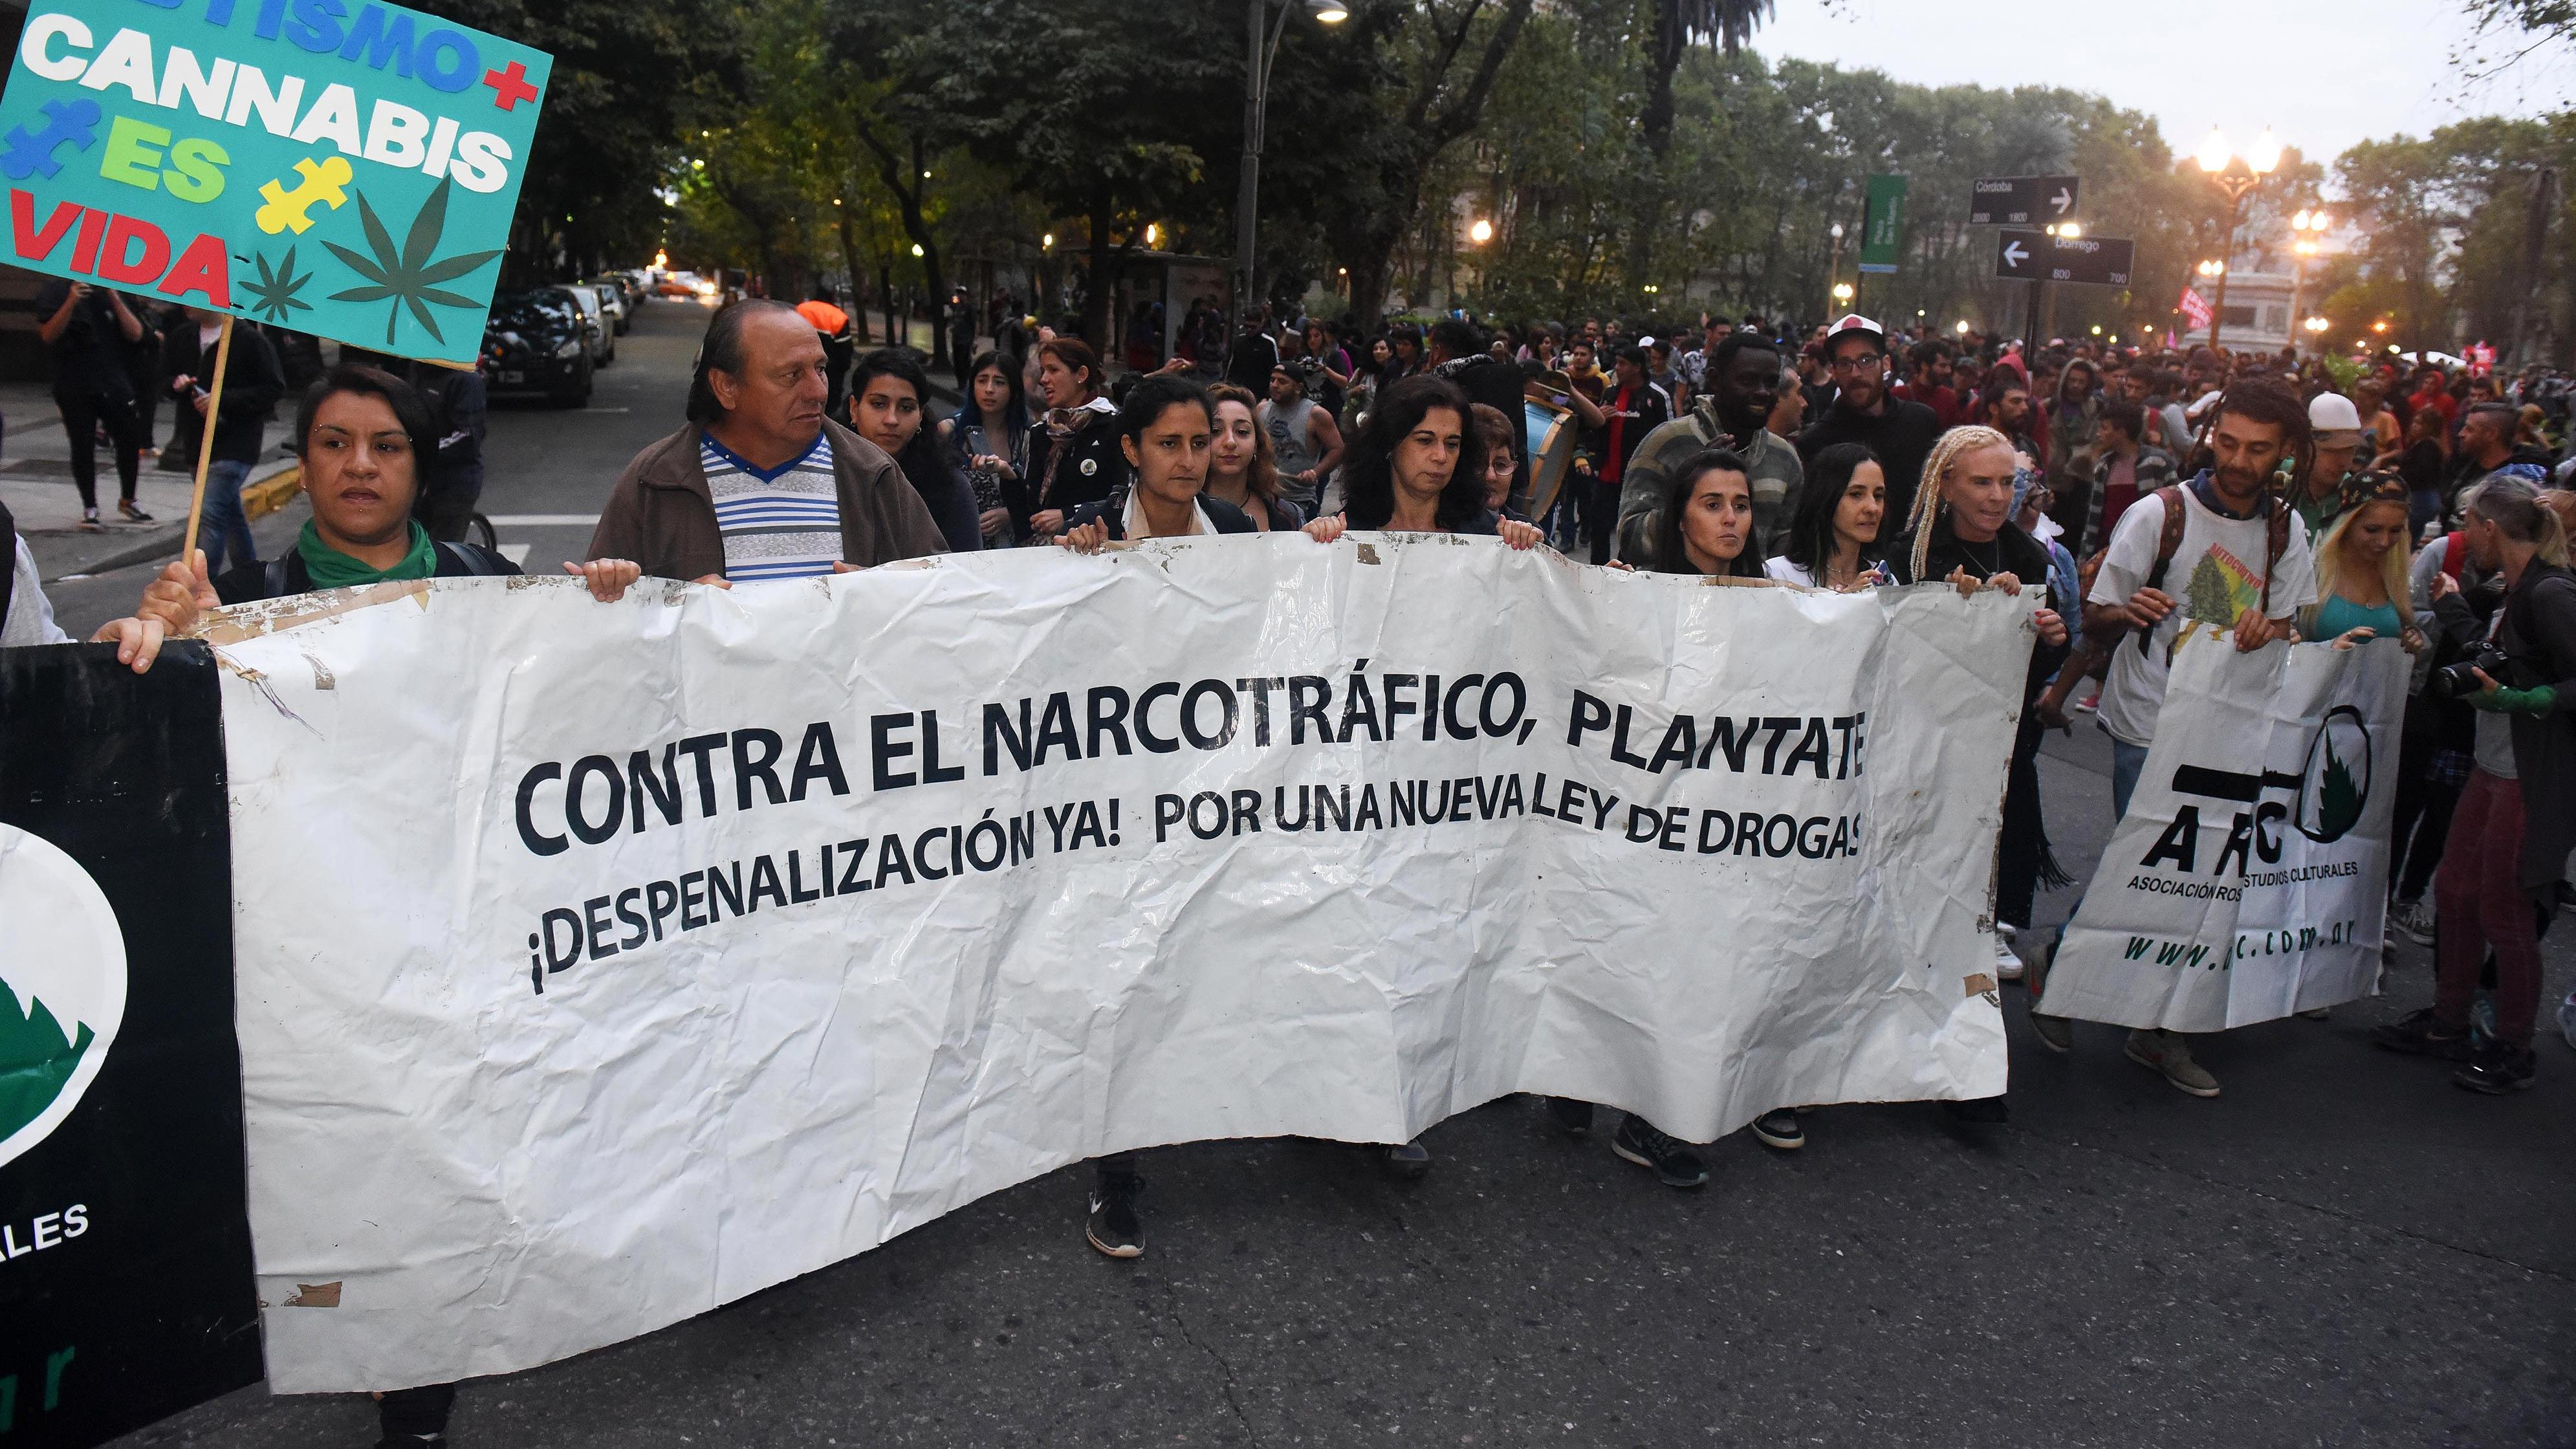 La movilización arrancó en la plaza San Martín. (Foto: Télam)